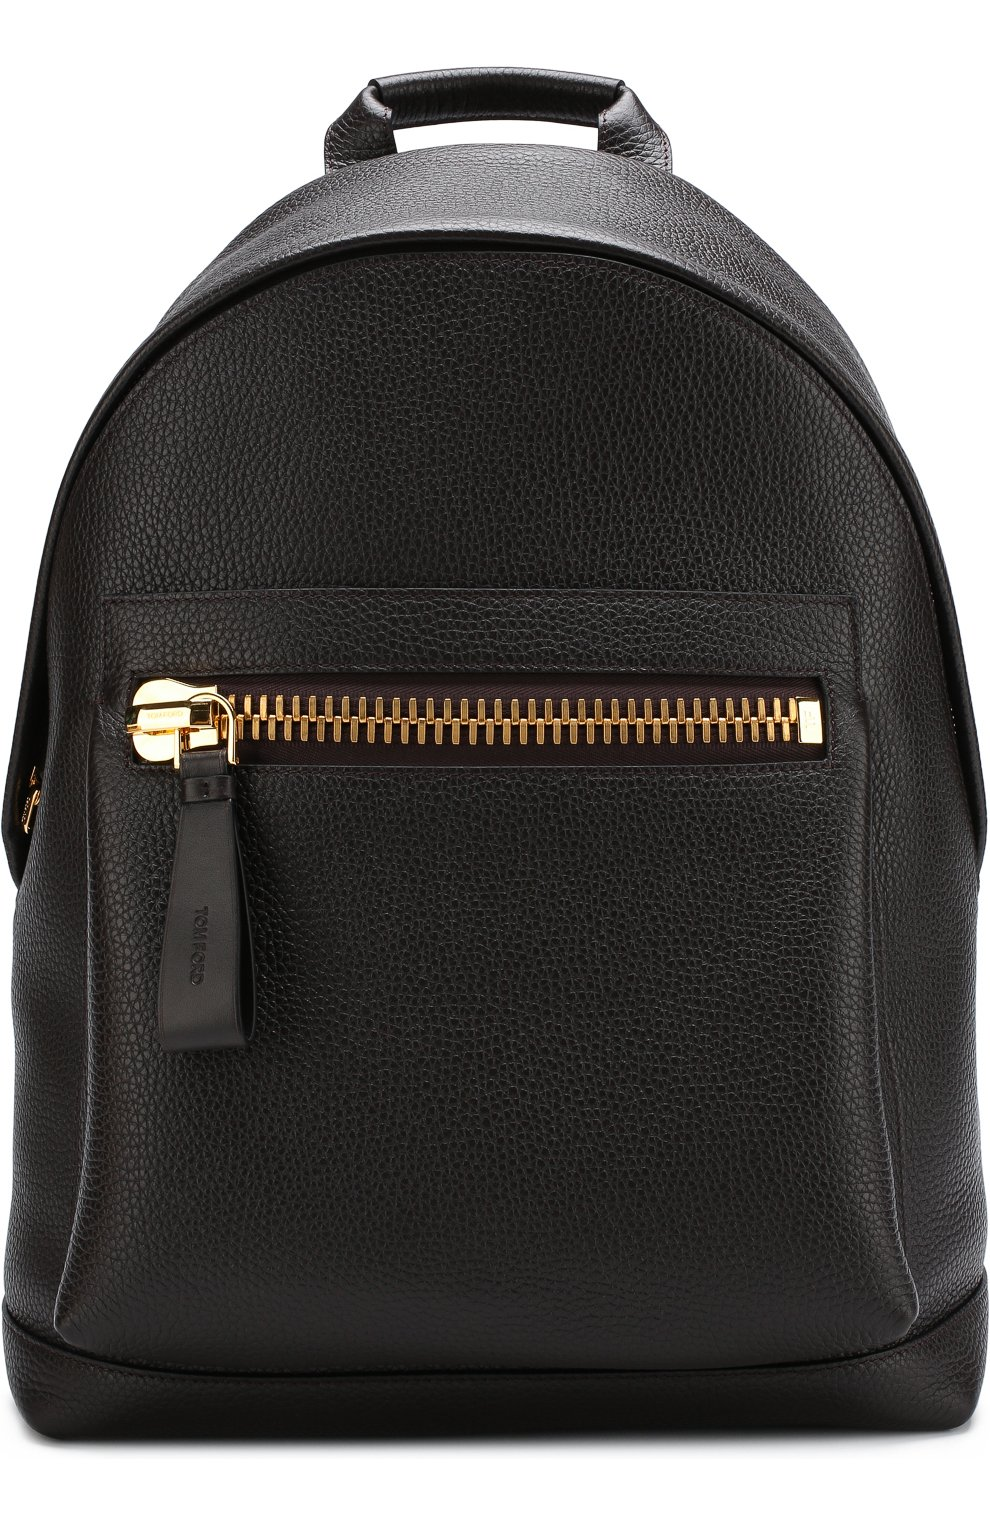 Мужской кожаный рюкзак TOM FORD темно-коричневого цвета, арт. H0250T-CG8 | Фото 1 (Материал: Натуральная кожа; Ремень/цепочка: На ремешке; Статус проверки: Проверено, Проверена категория)